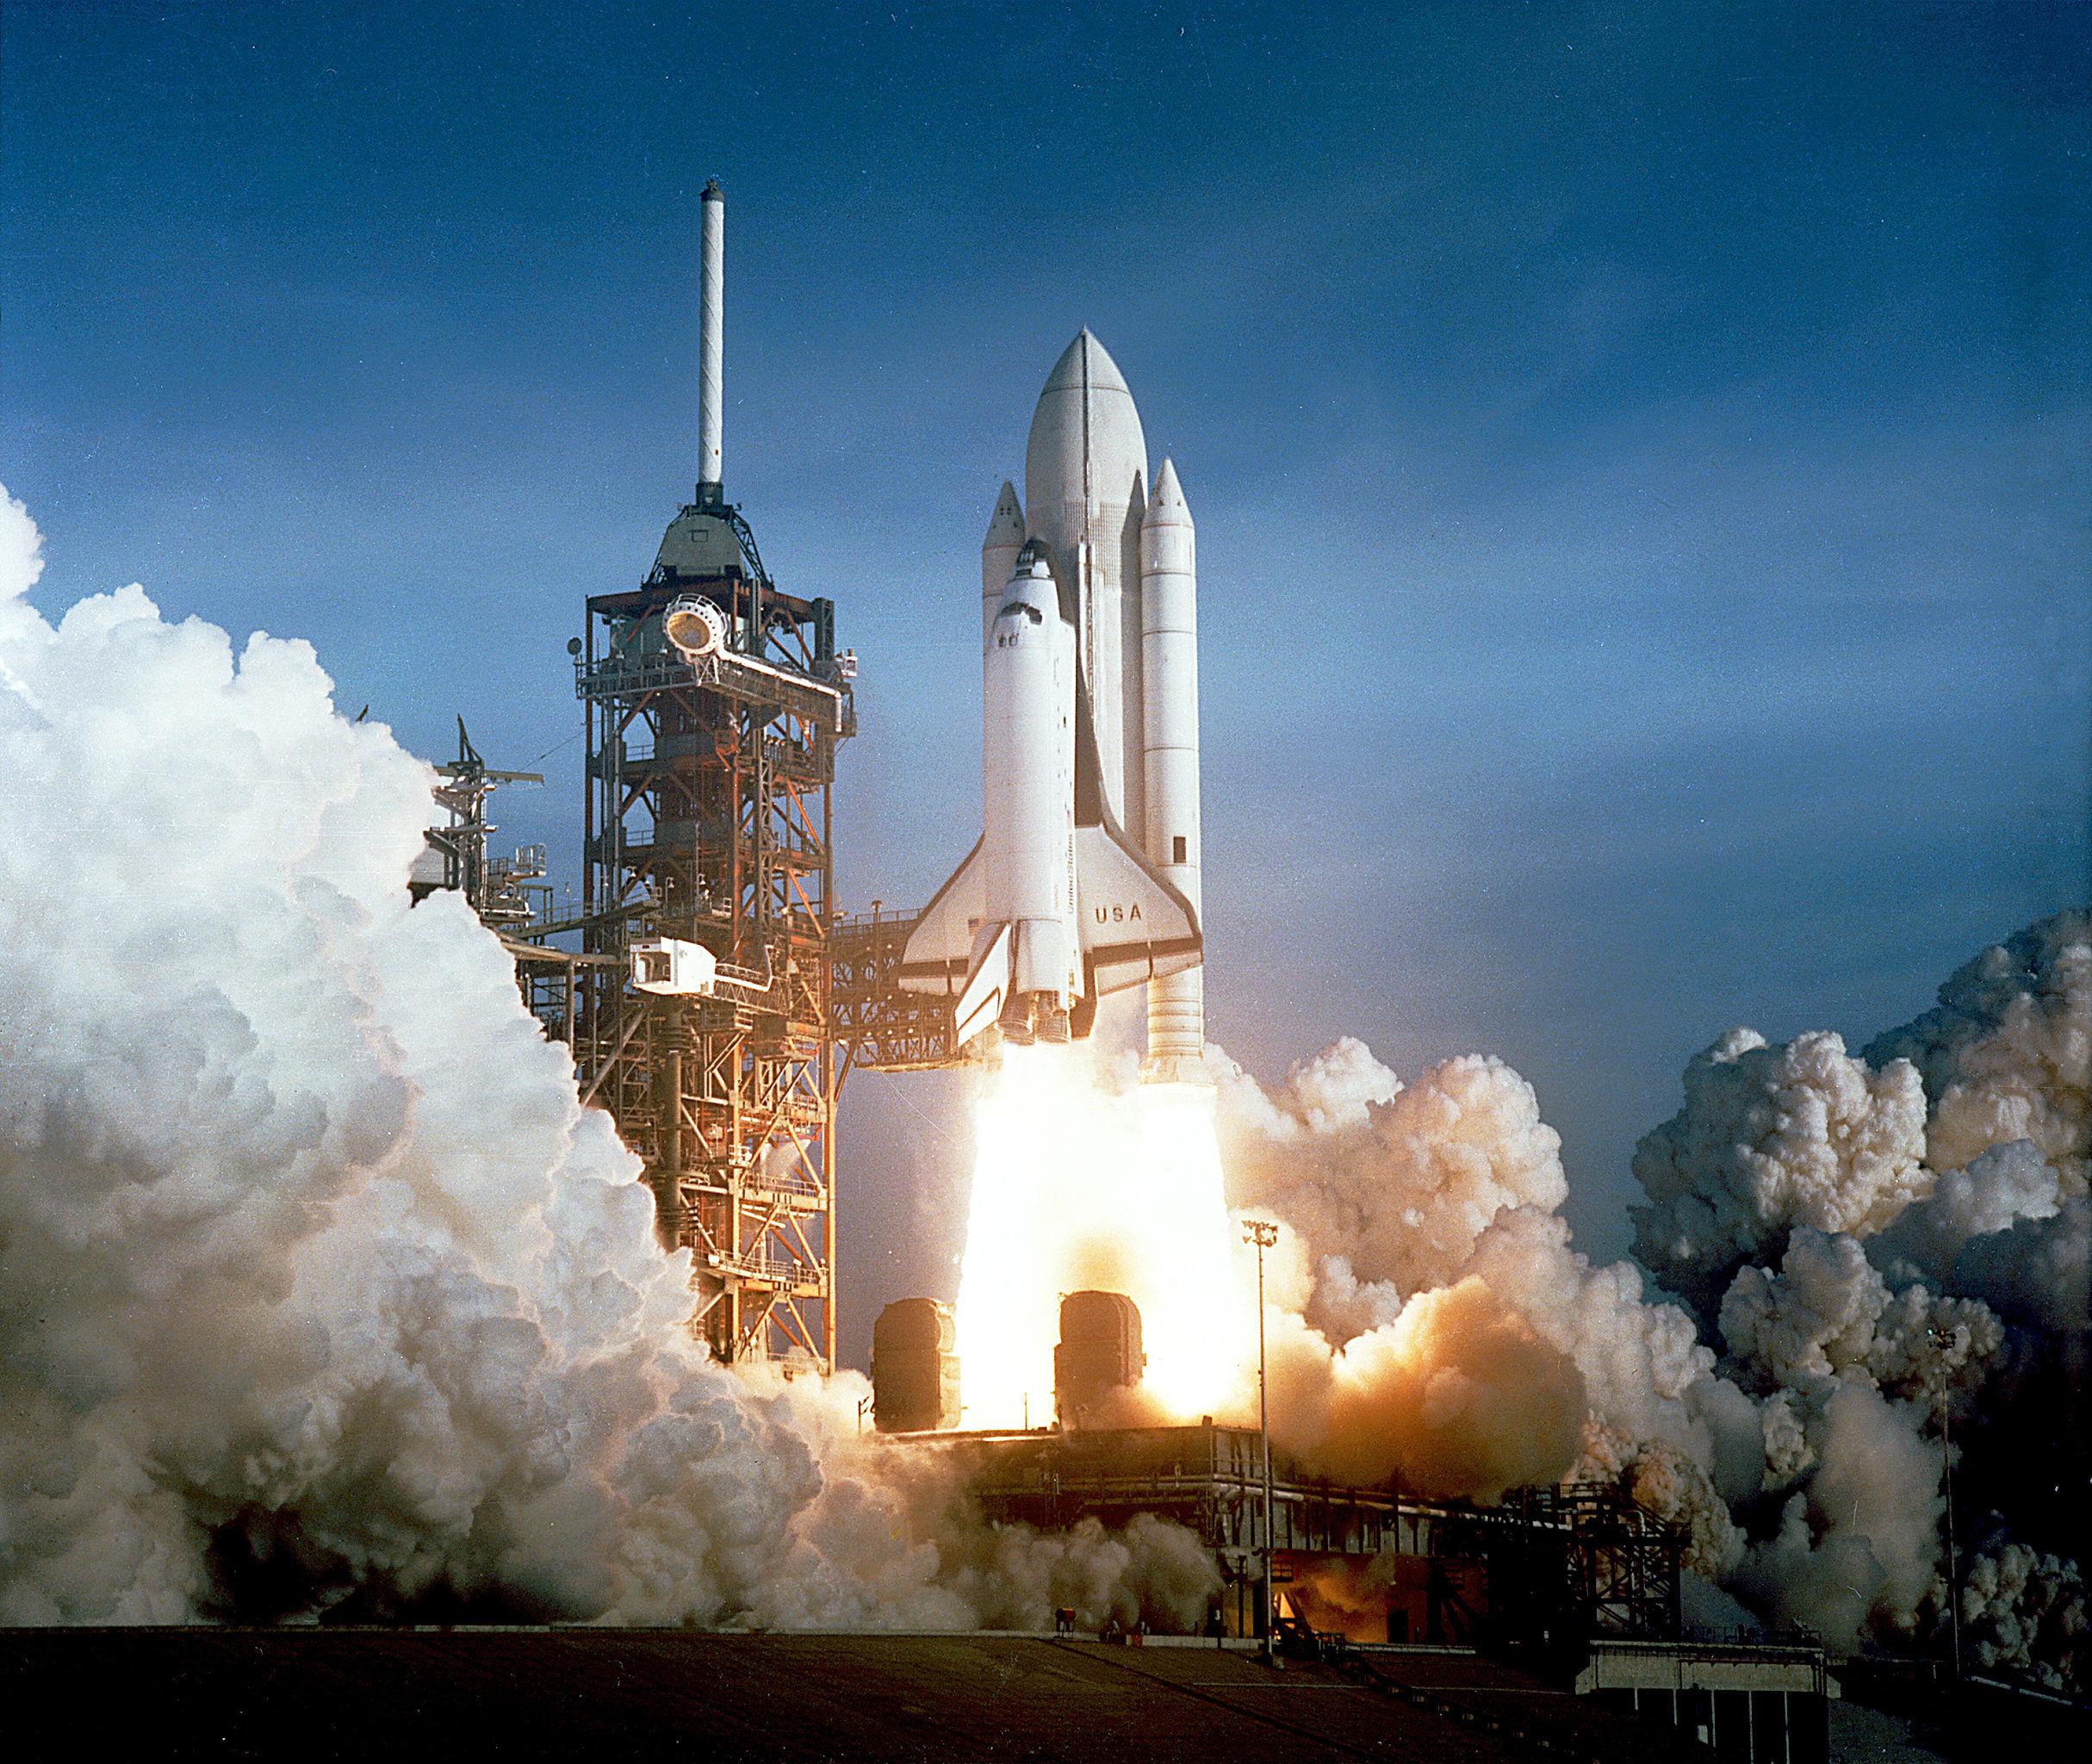 Primeiro lançamento do ônibus espacial Columbia em 12 de abril de 1981